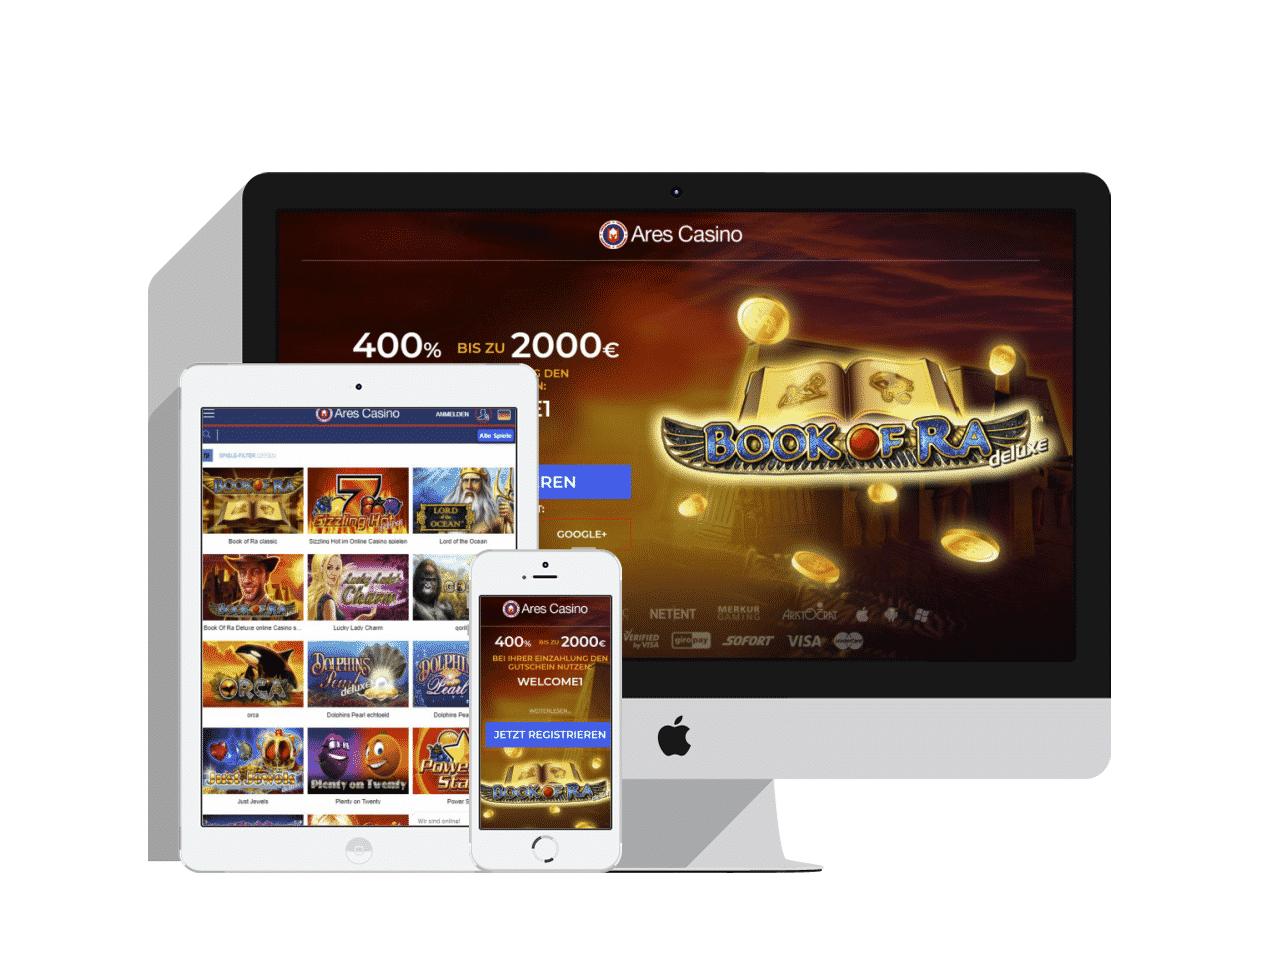 Ares Casino novoline online casino book of ra und novoline spiele novocasinos